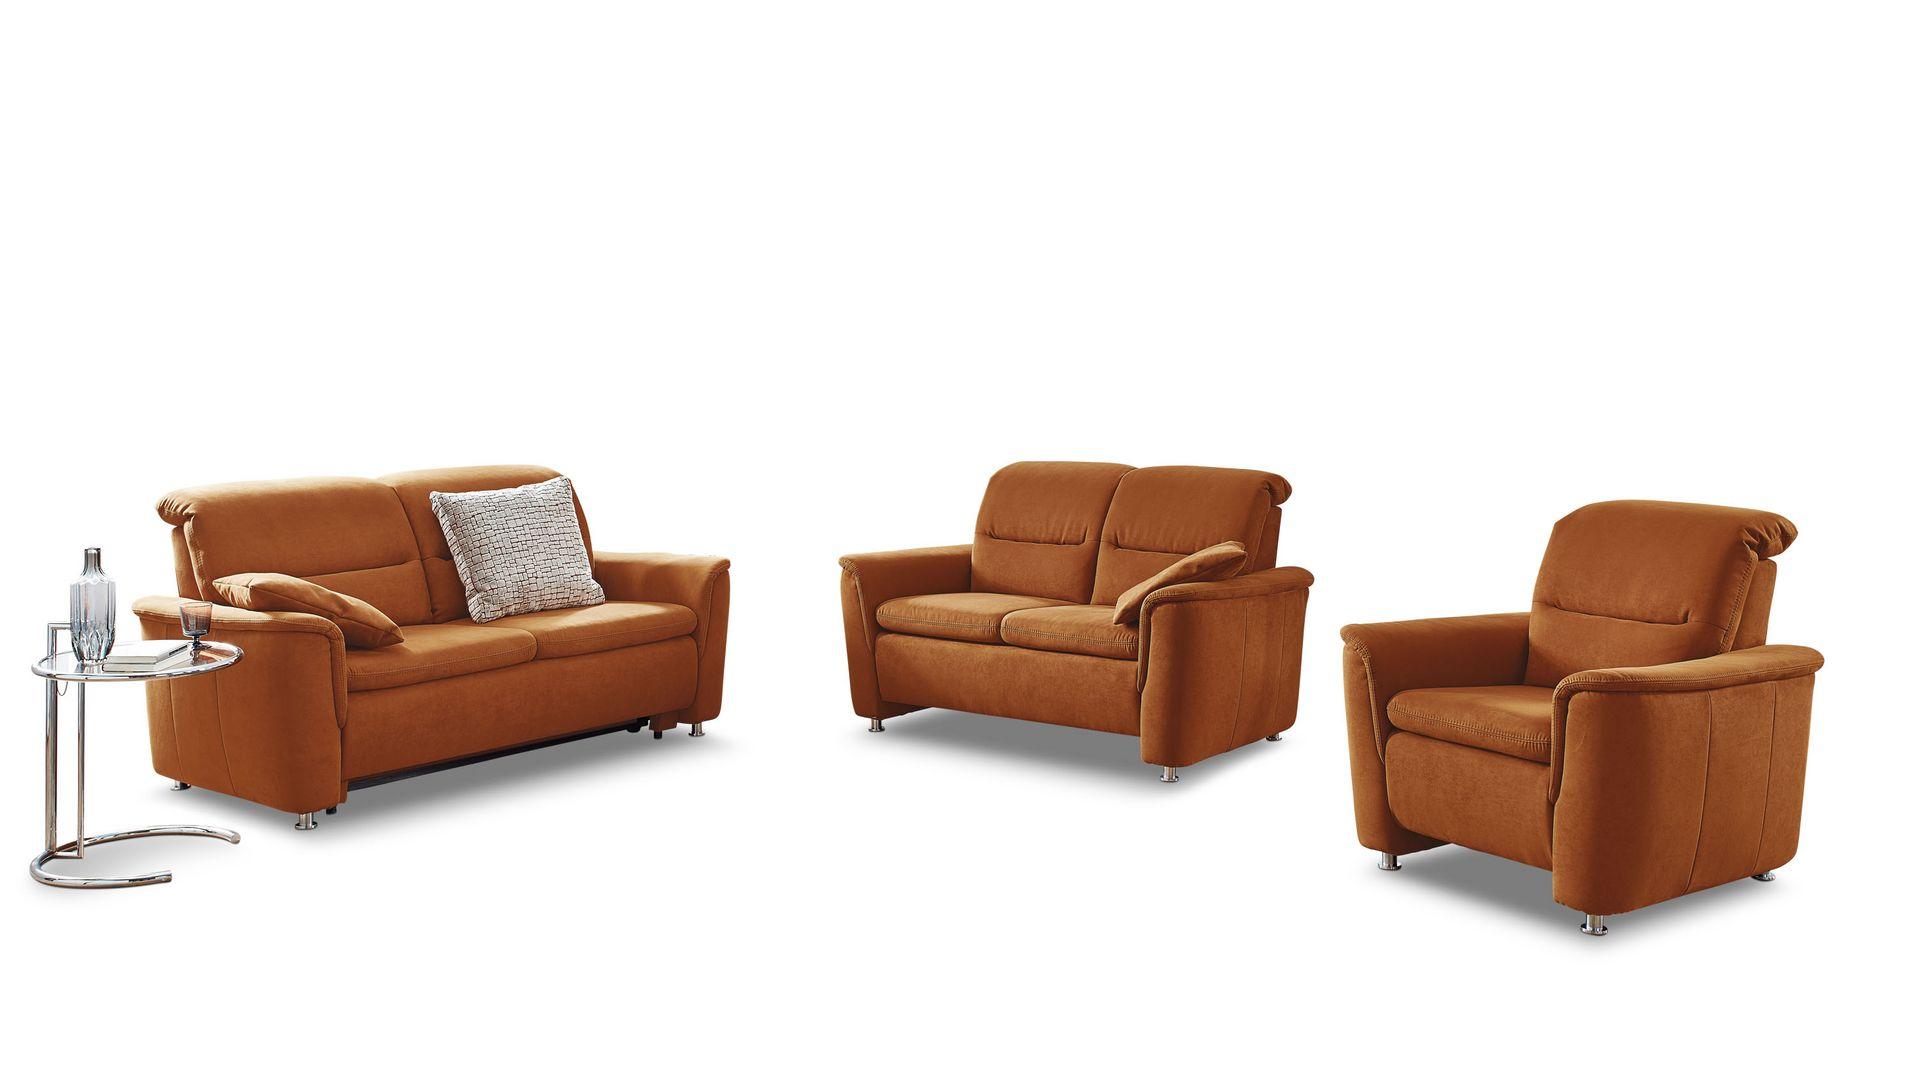 Full Size of Sofa Garnitur 2 Teilig 3 Calima Rust Bett 140x200 Weiß 2m X Riess Ambiente Mit Relaxfunktion Elektrisch Sitzsack Garten Ecksofa W Schillig 3er 5 Sitzer Sofa Sofa Garnitur 2 Teilig